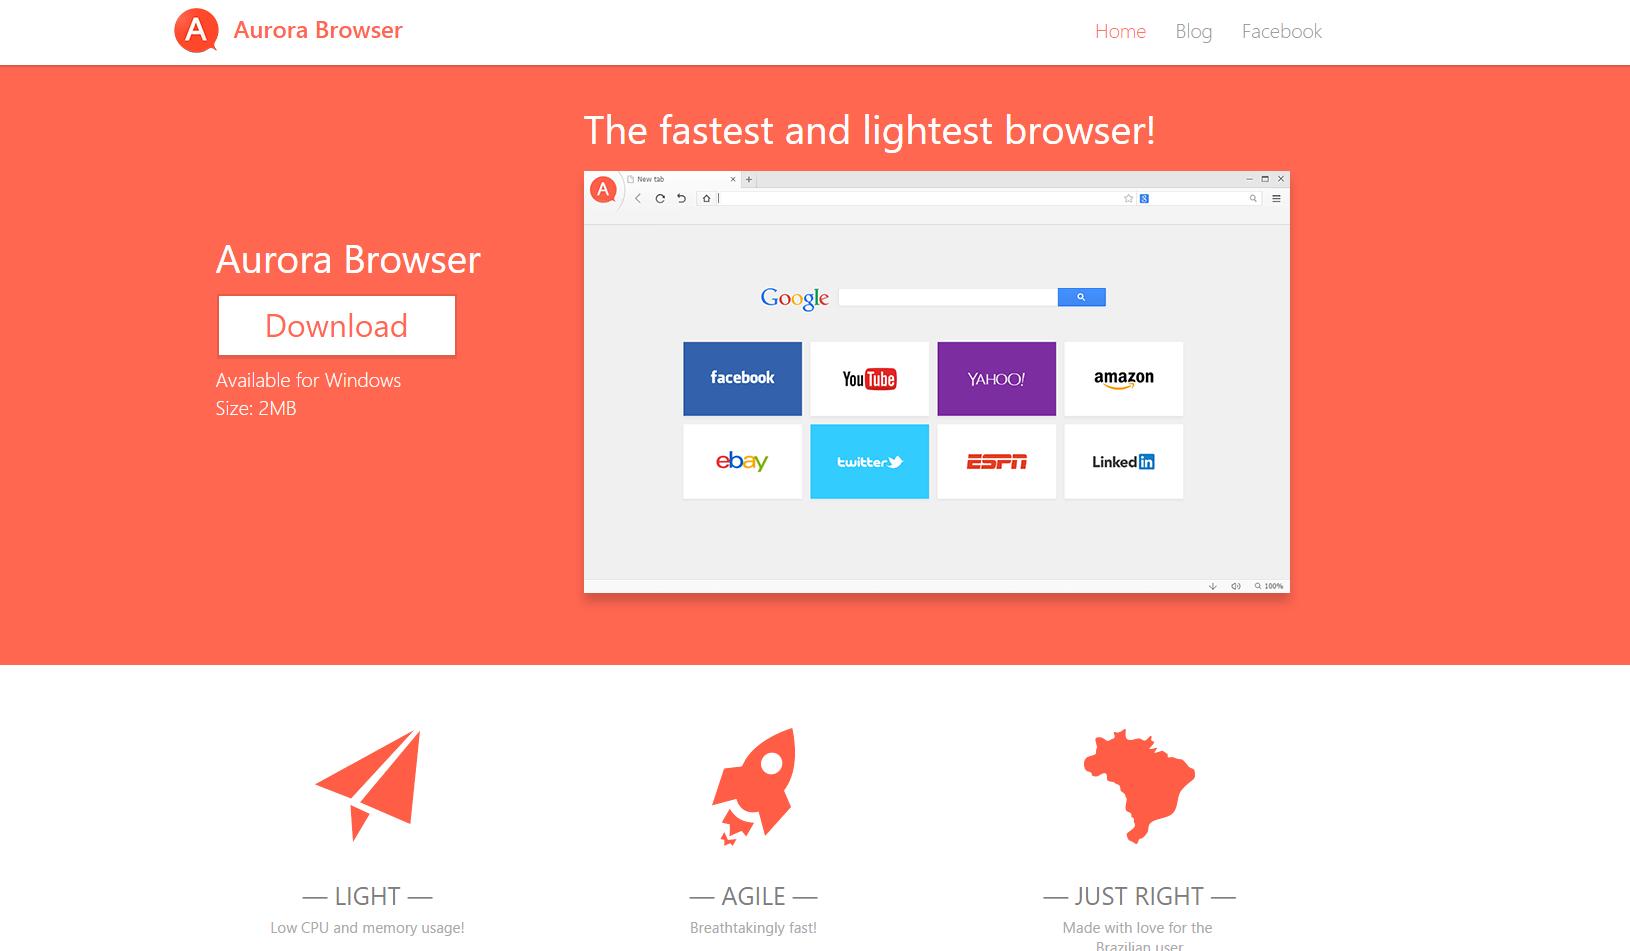 Aurora Browser Ads